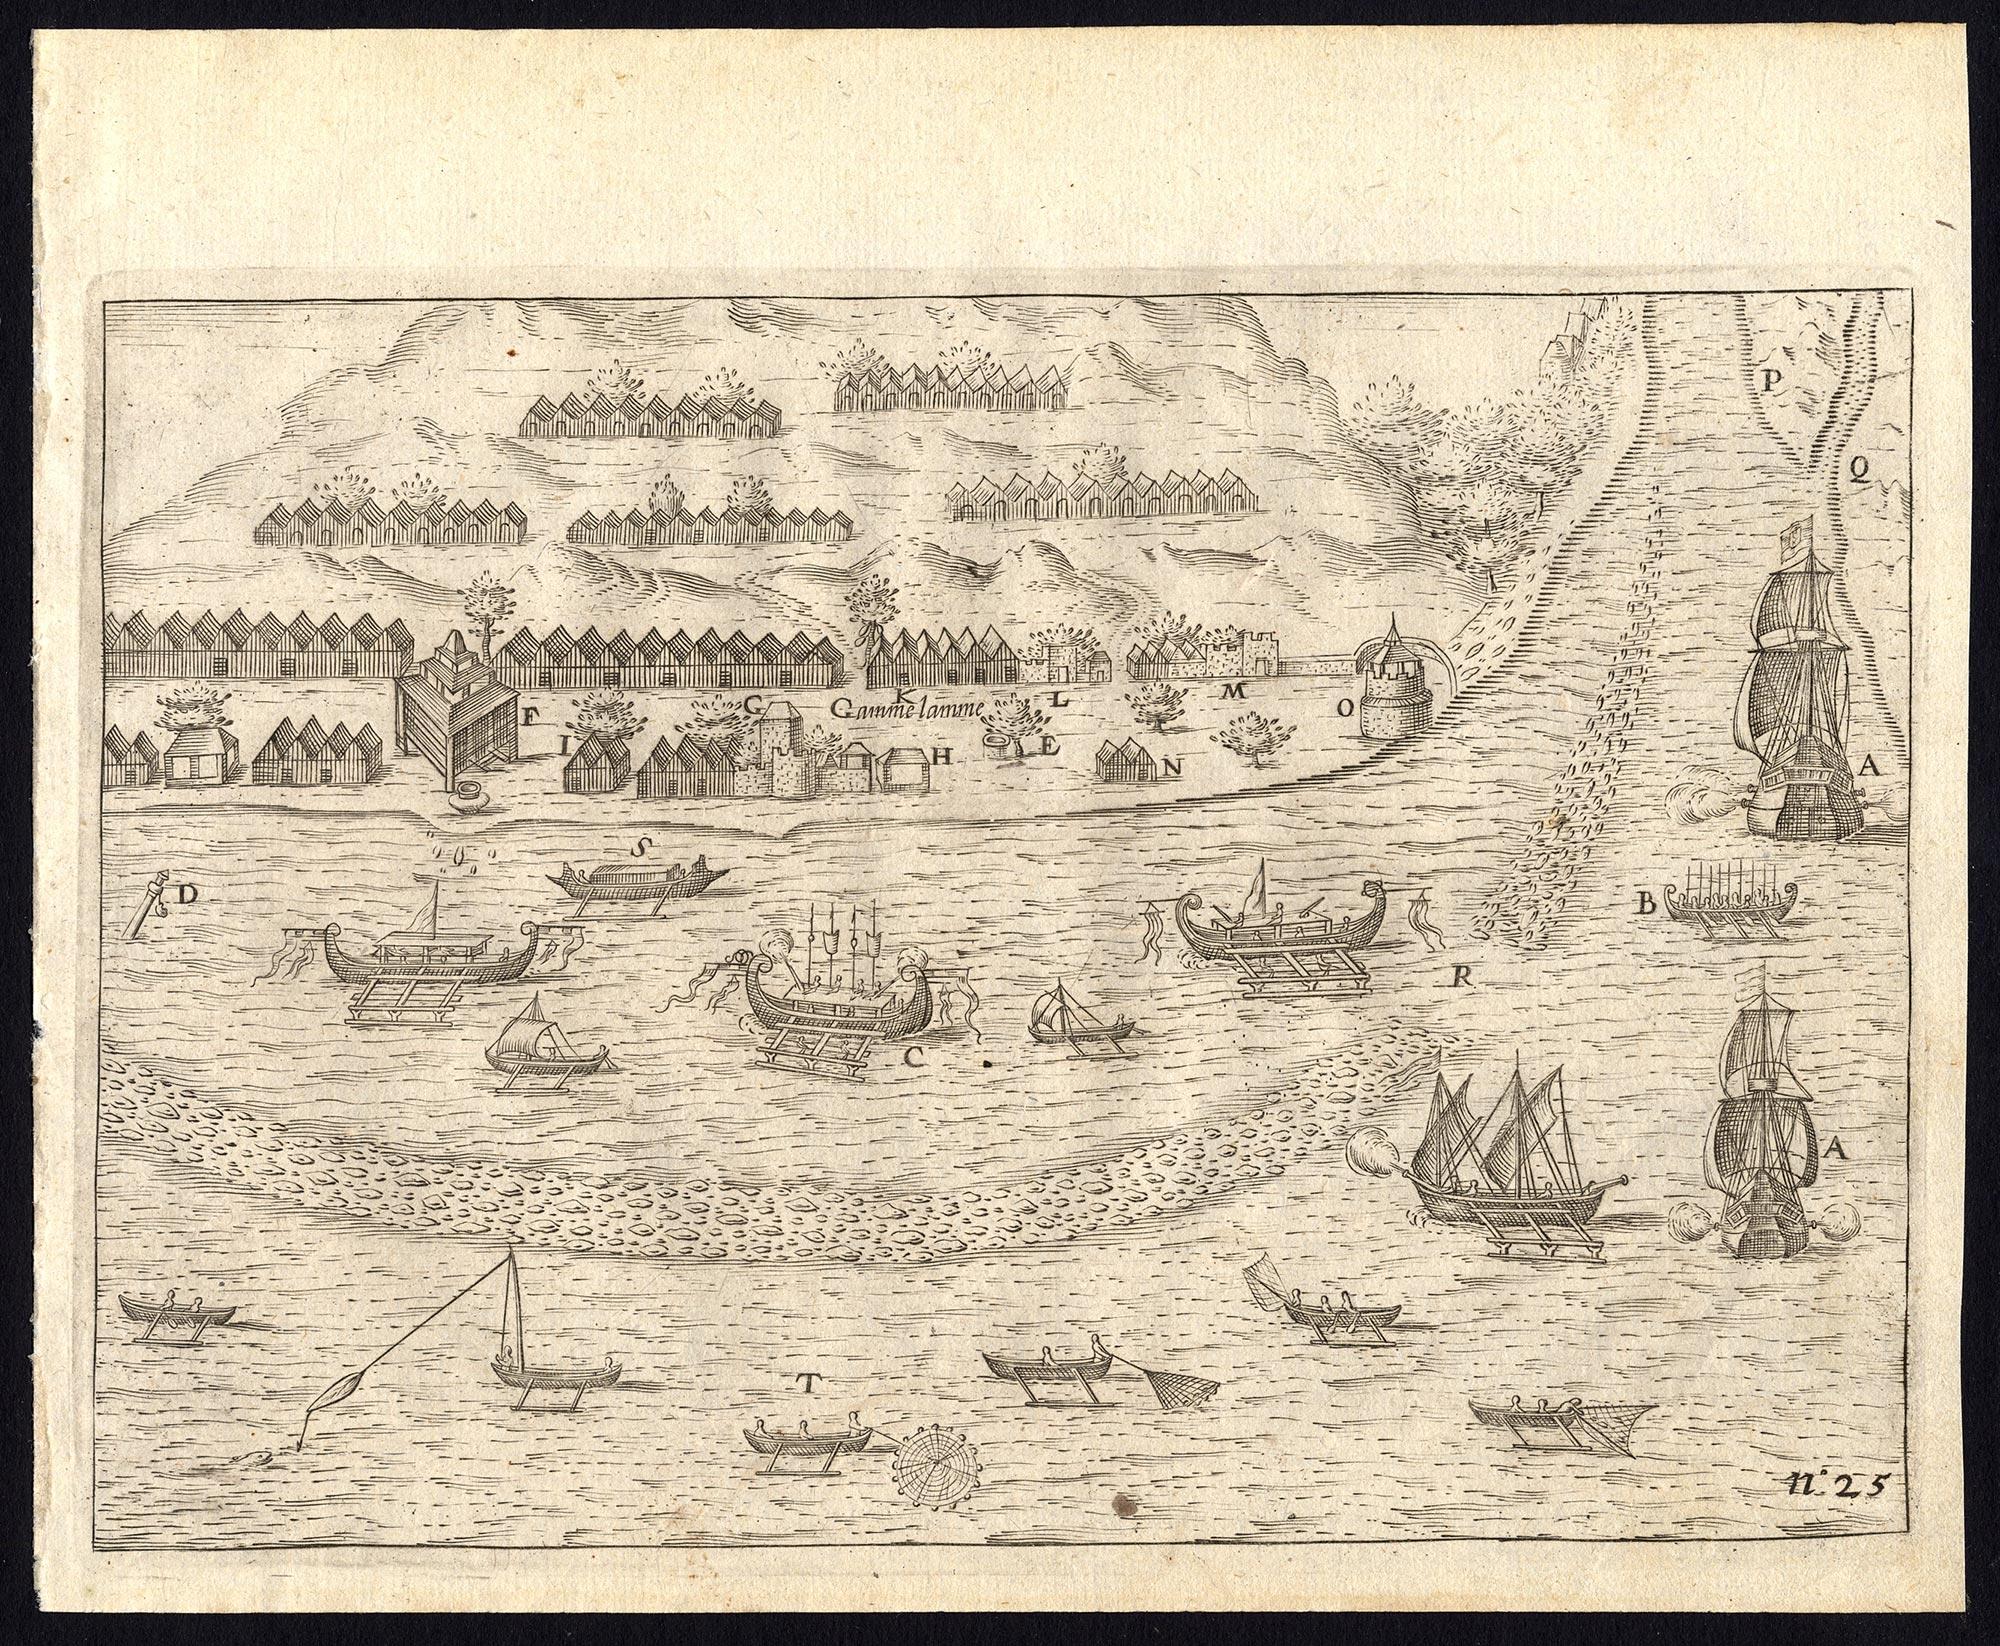 Pl.25 Two Dutch VOC ships (..) - Commelin (1646)